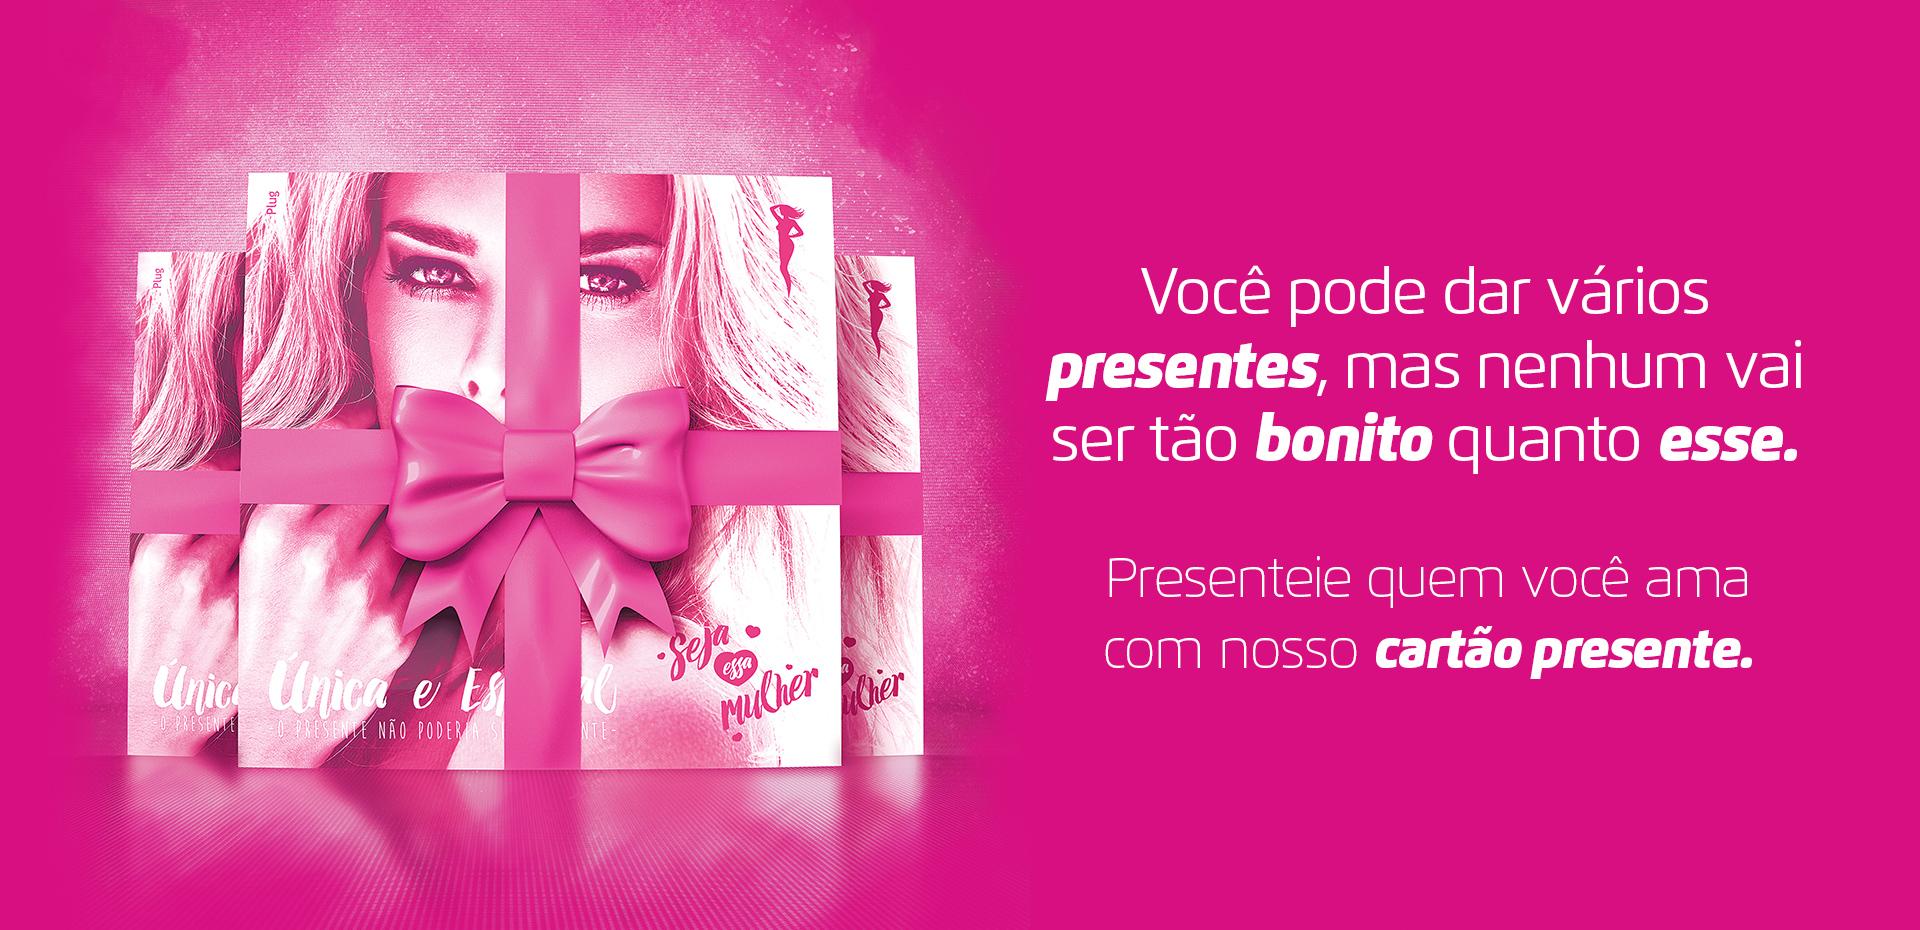 banner-1920x930px_cartão-presente